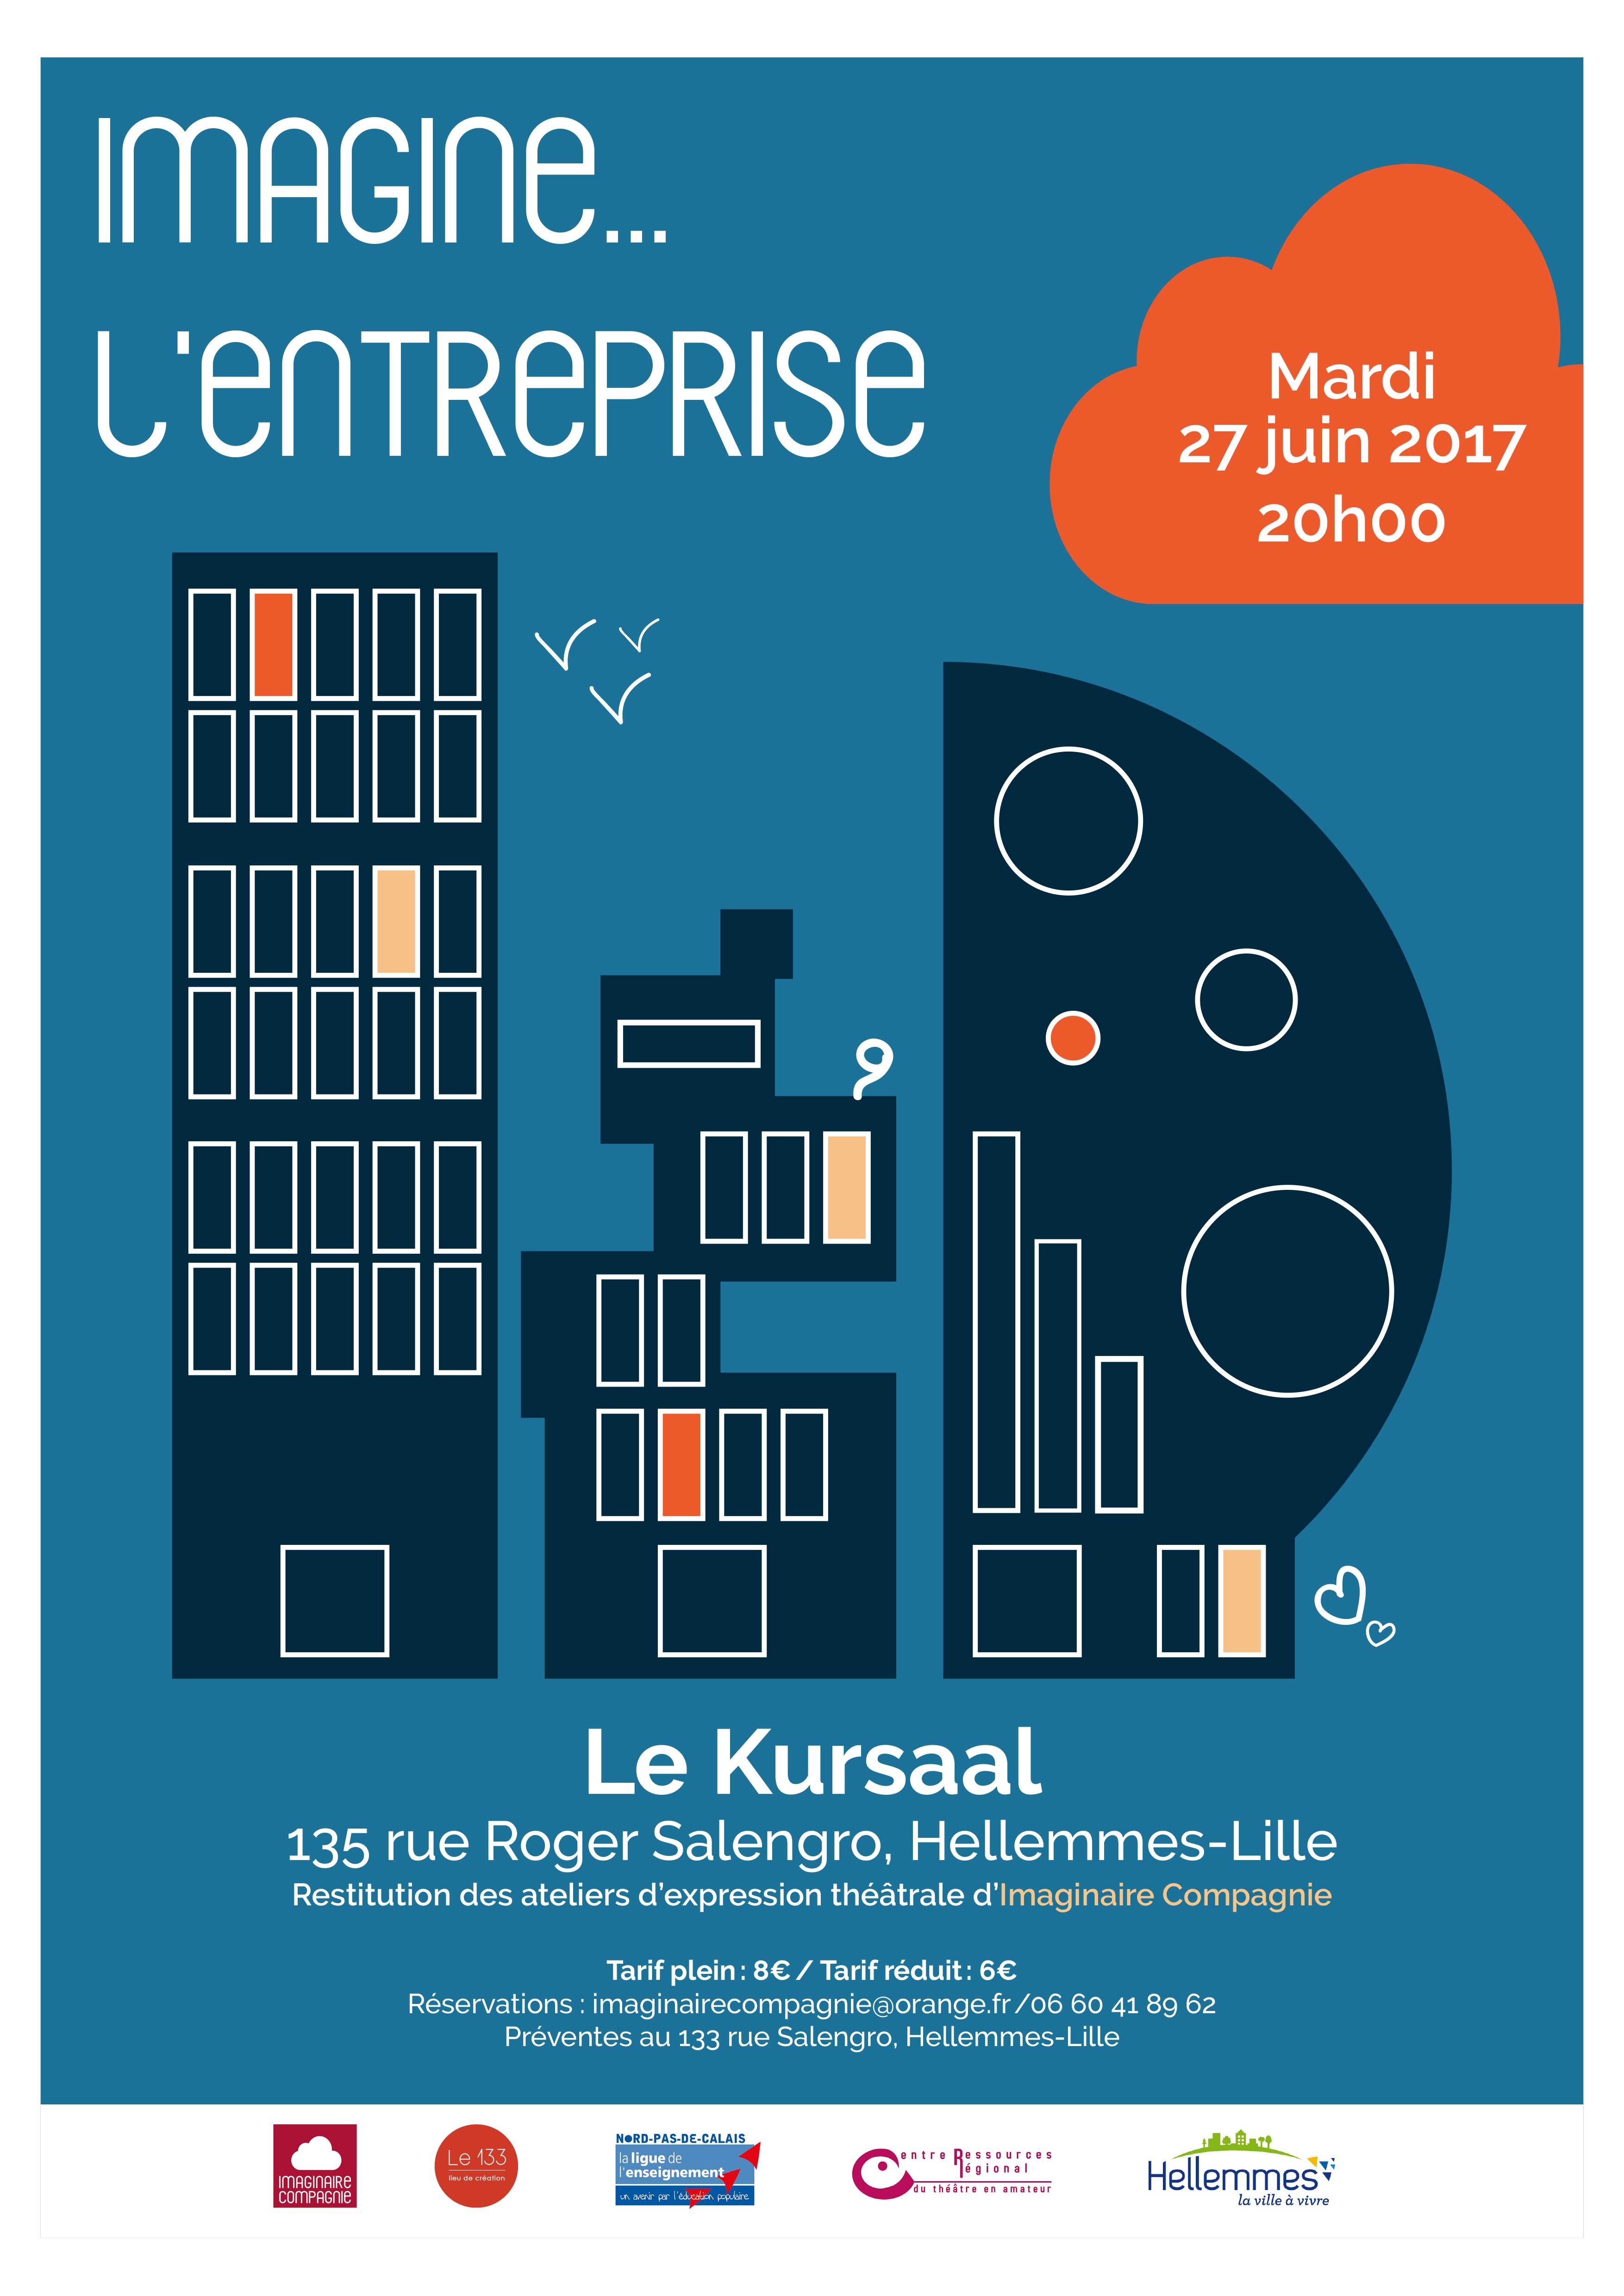 Affiche Restitution ateliers théâtre - Imaginaire Compagnie Lille-Hellemmes